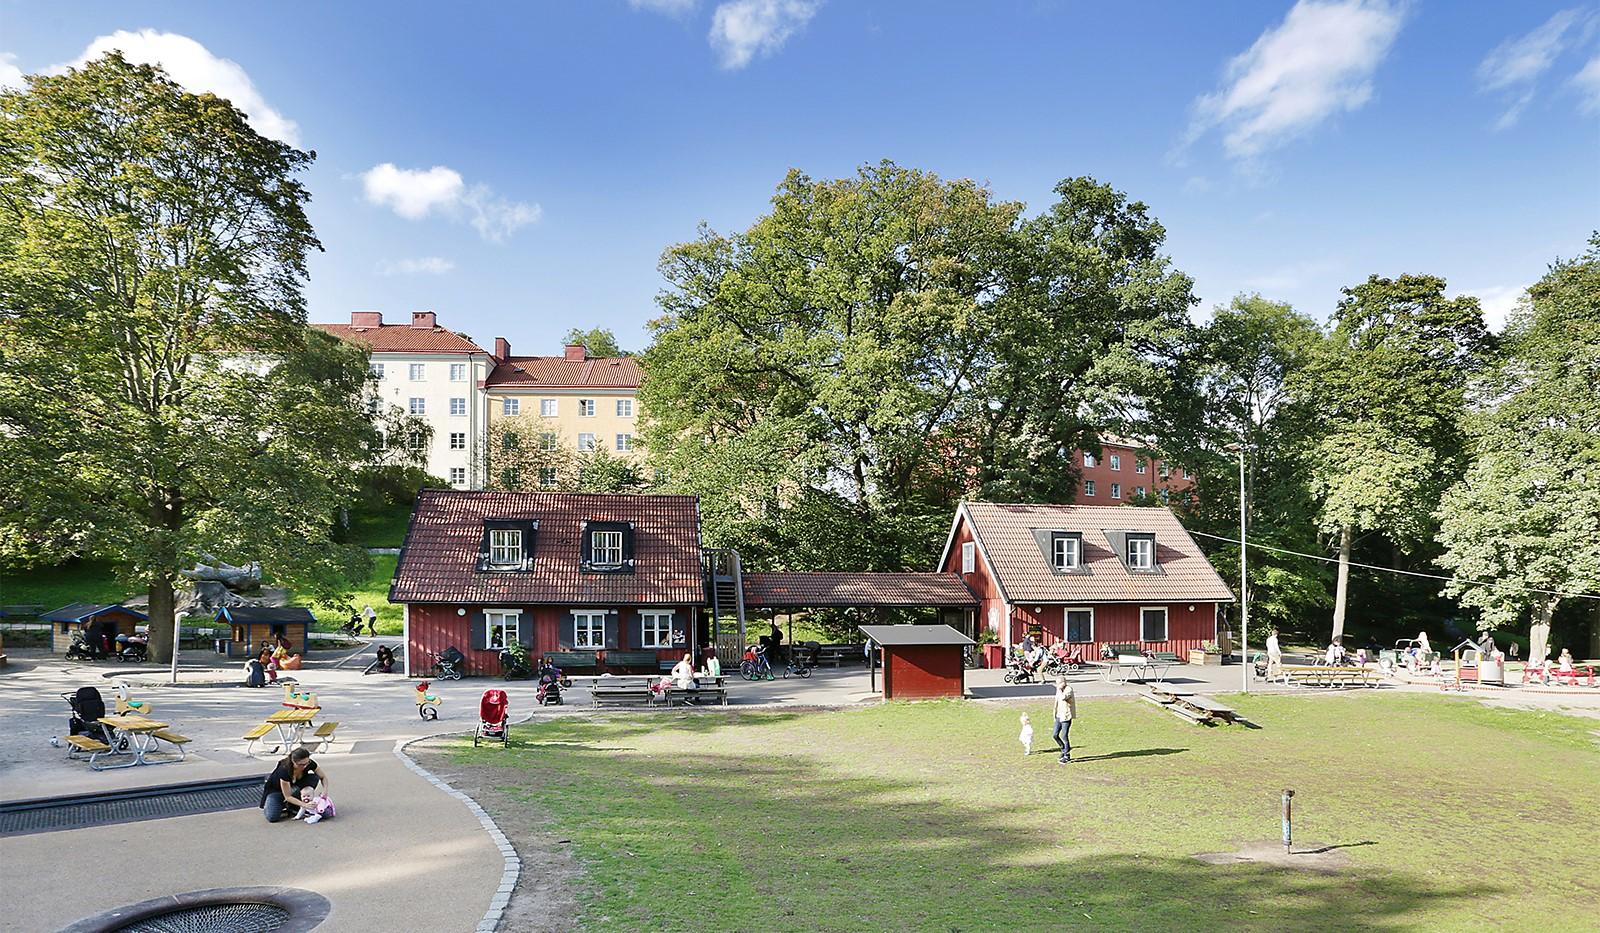 Götgatan 101 - Områdesbild - Stora Bleckan